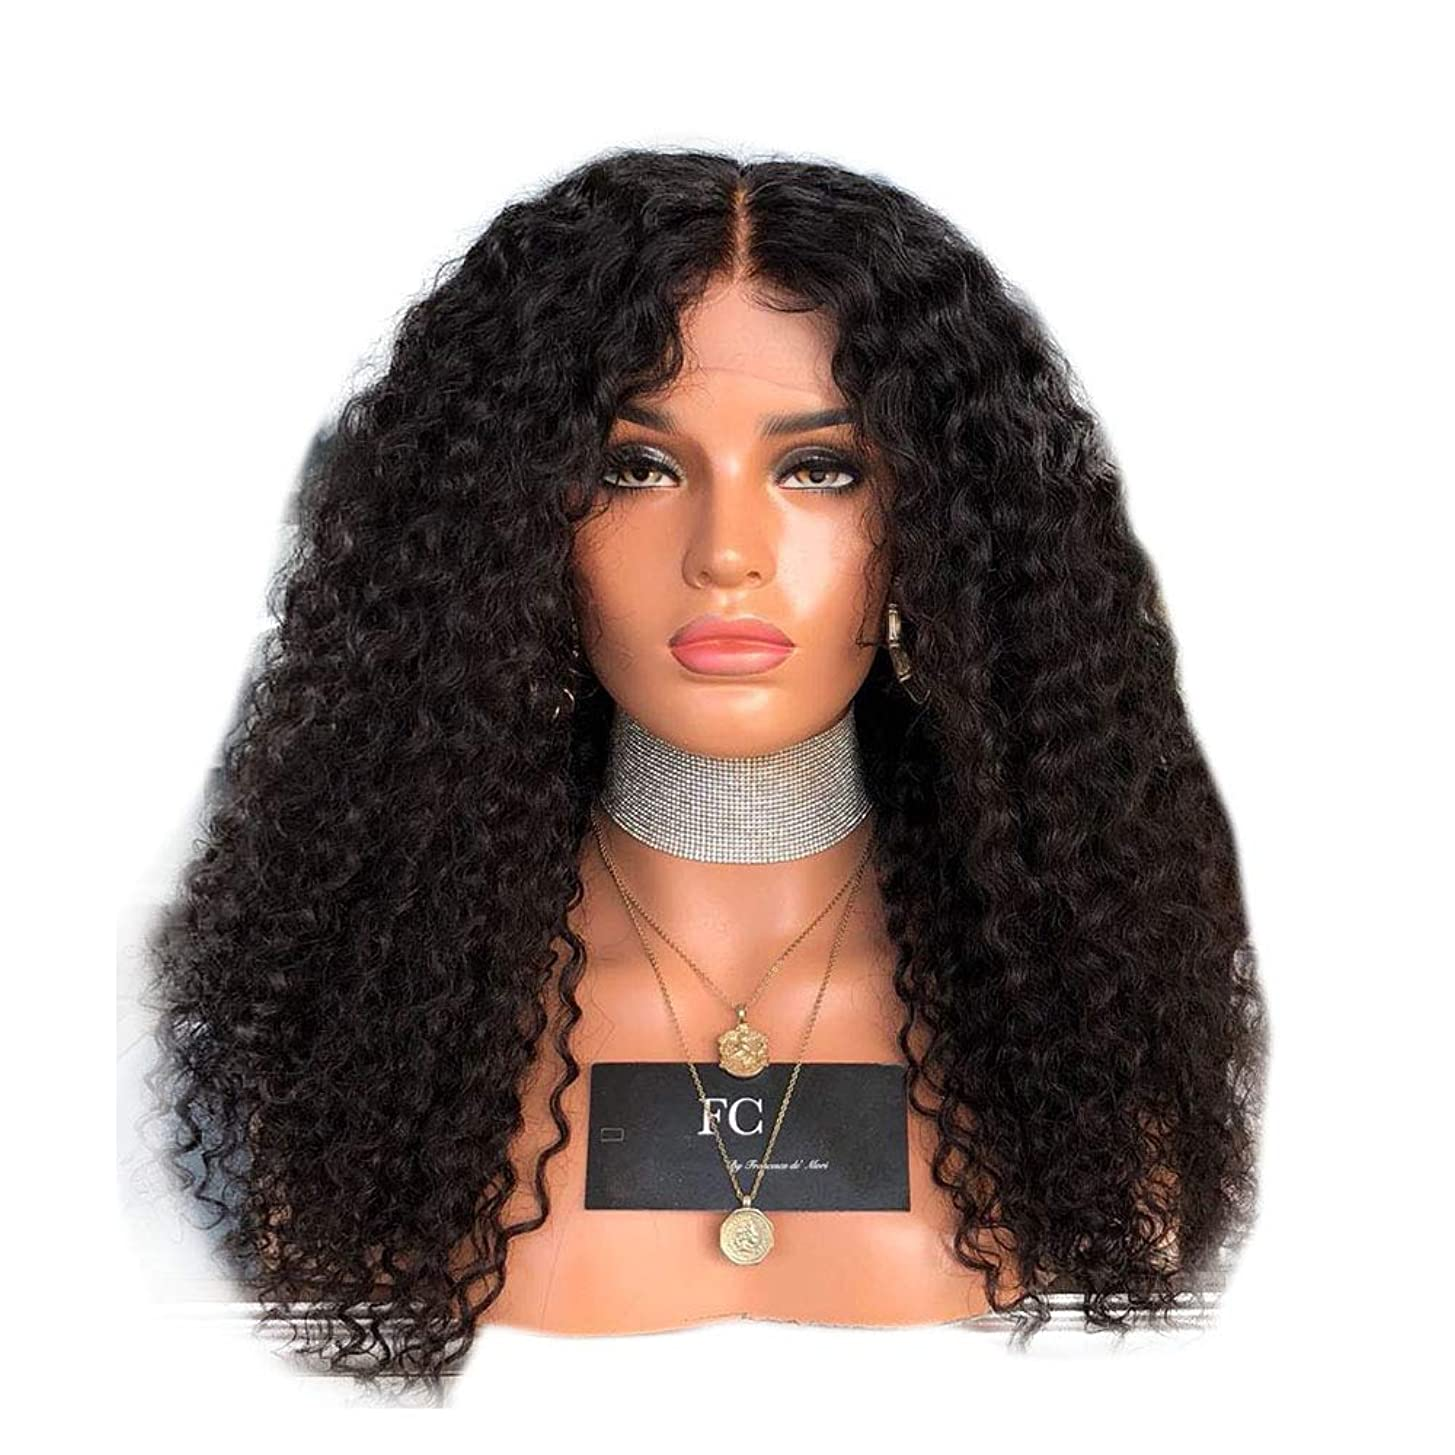 うねる重さ蜜Yrattary 女性の黒の長い巻き毛のフロントレースかつらアフリカの黒のかつら合成髪のレースのかつらロールプレイングかつら (色 : 黒, サイズ : 18 inches)